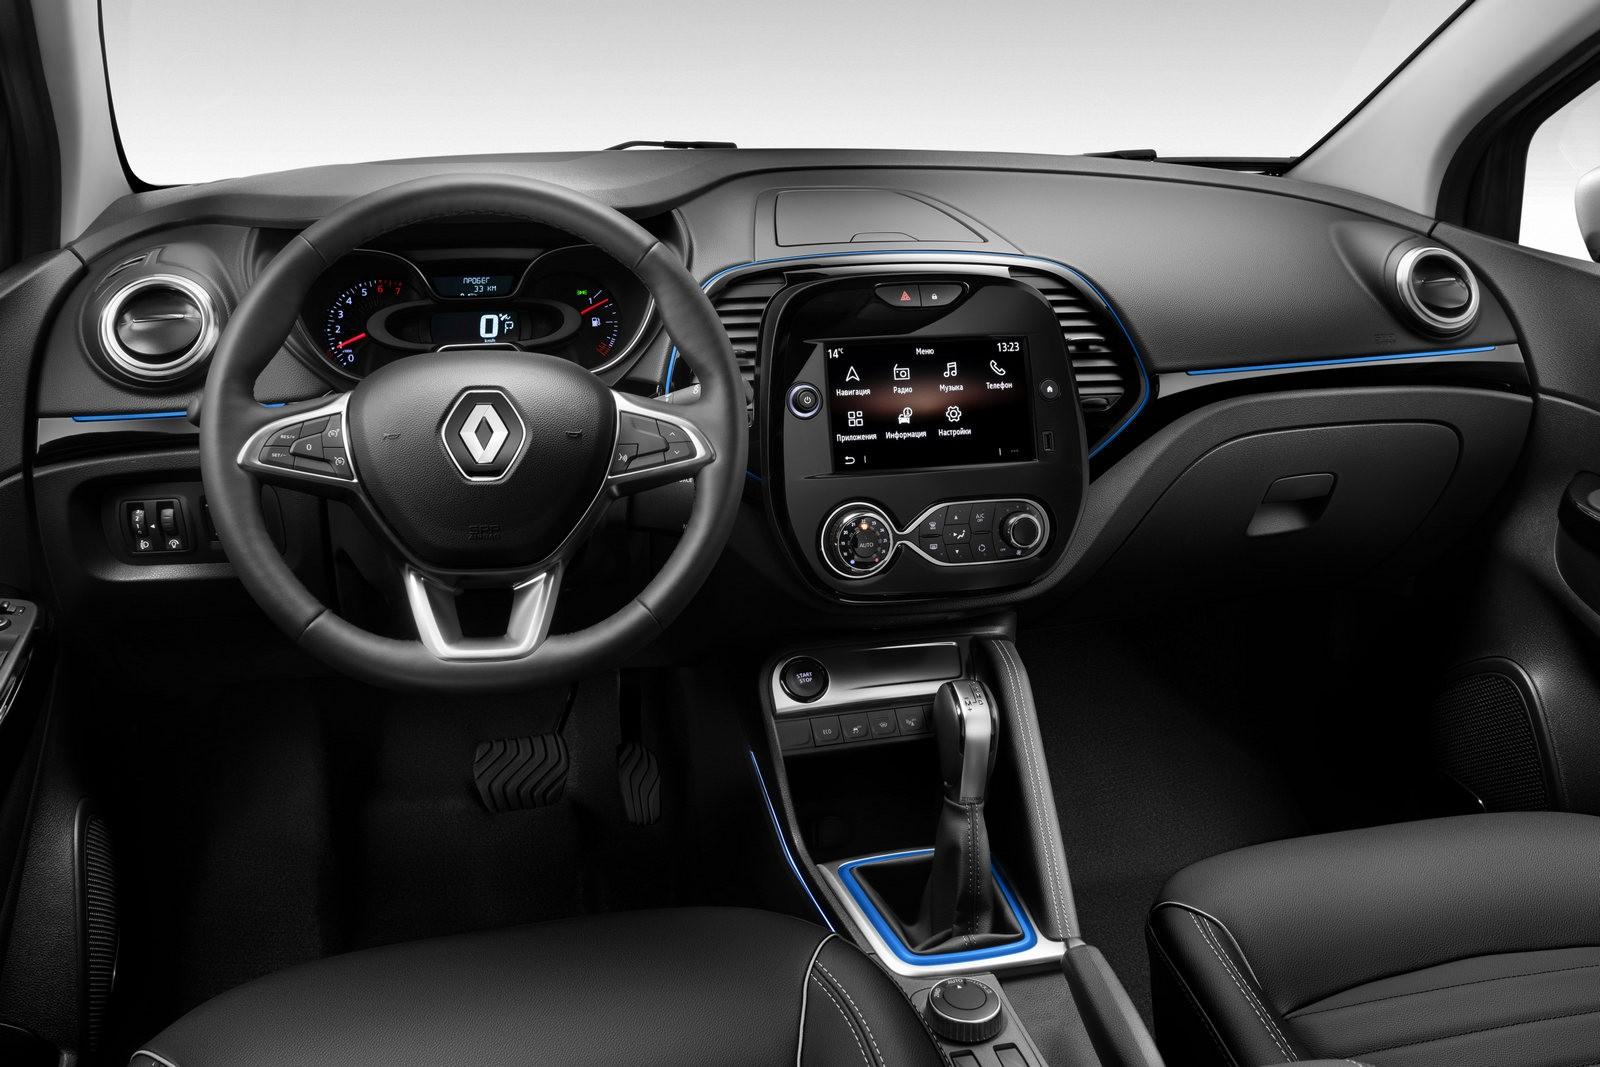 Renault Kaptur 2020: платформа – старая, турбомотор и CVT – от Arkana. Атмосферный 2,0 – в утиль